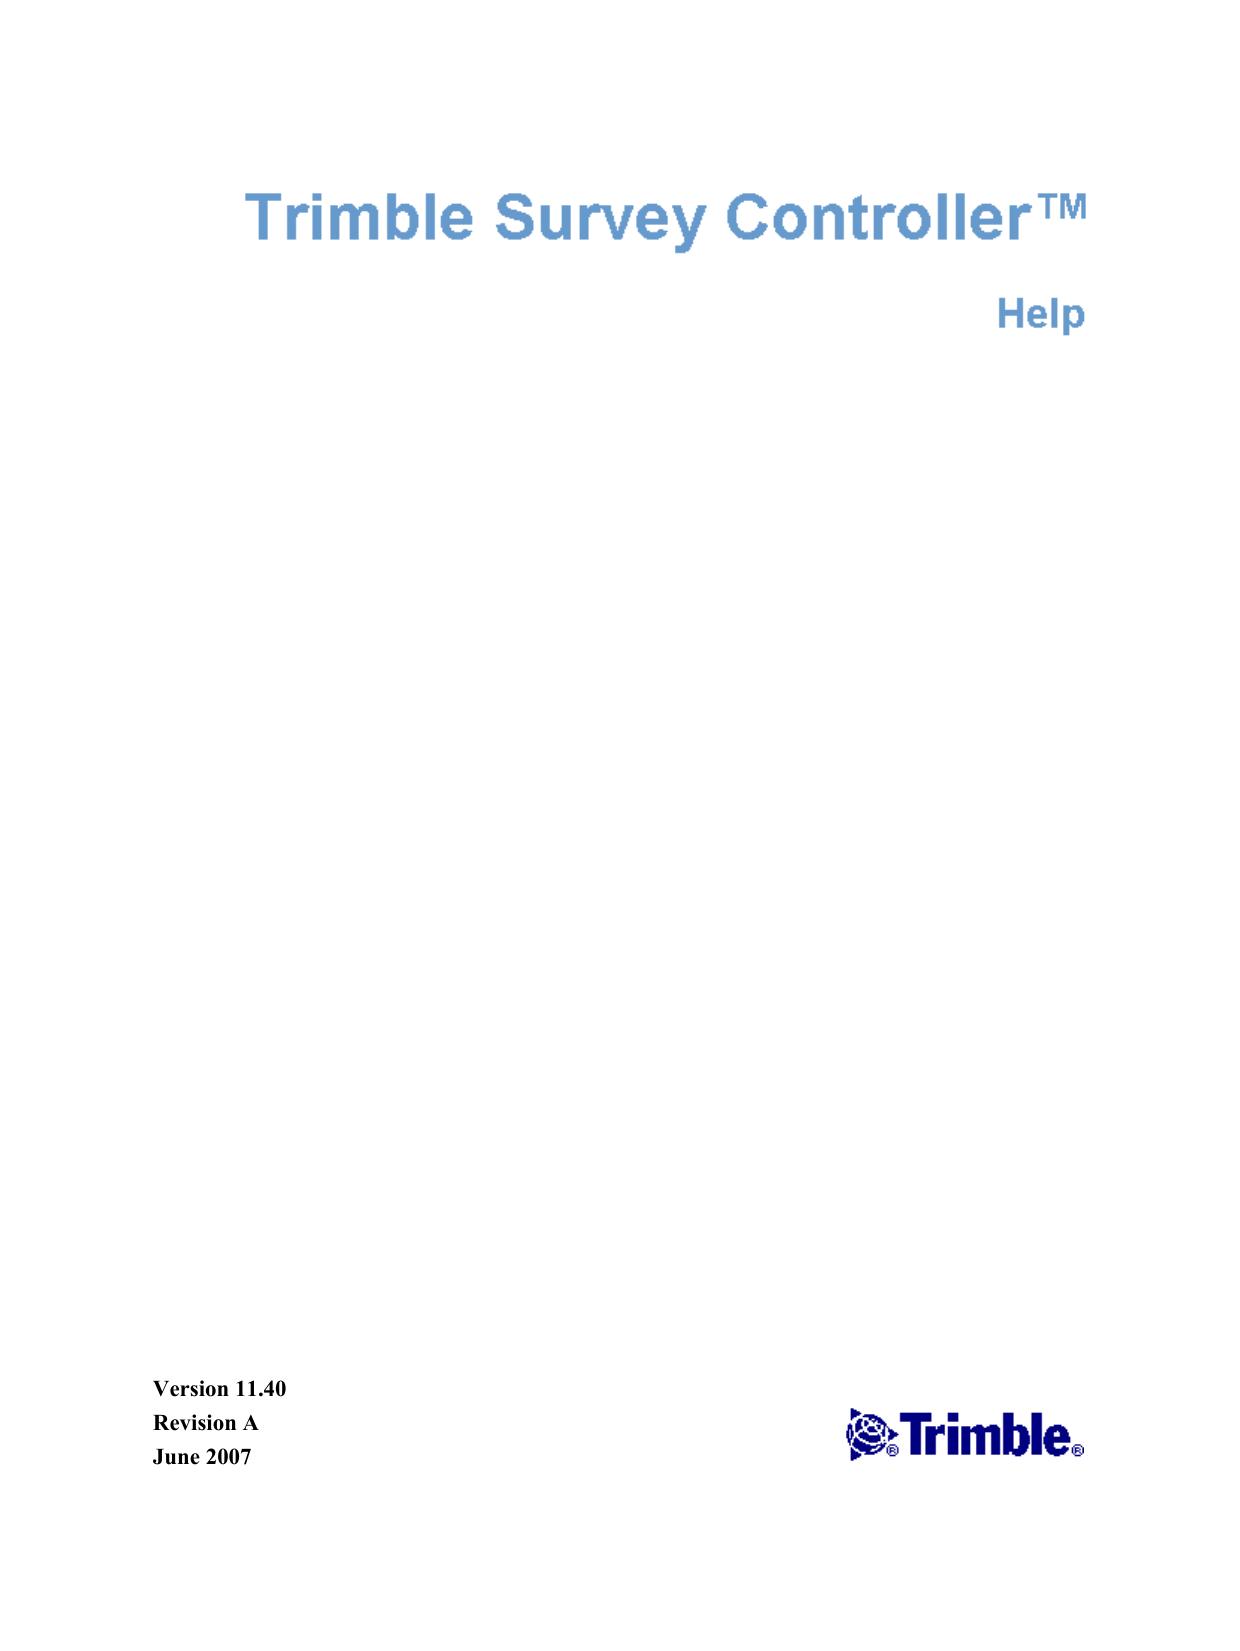 Trimble Survey Controller software v11 40 Help | manualzz com